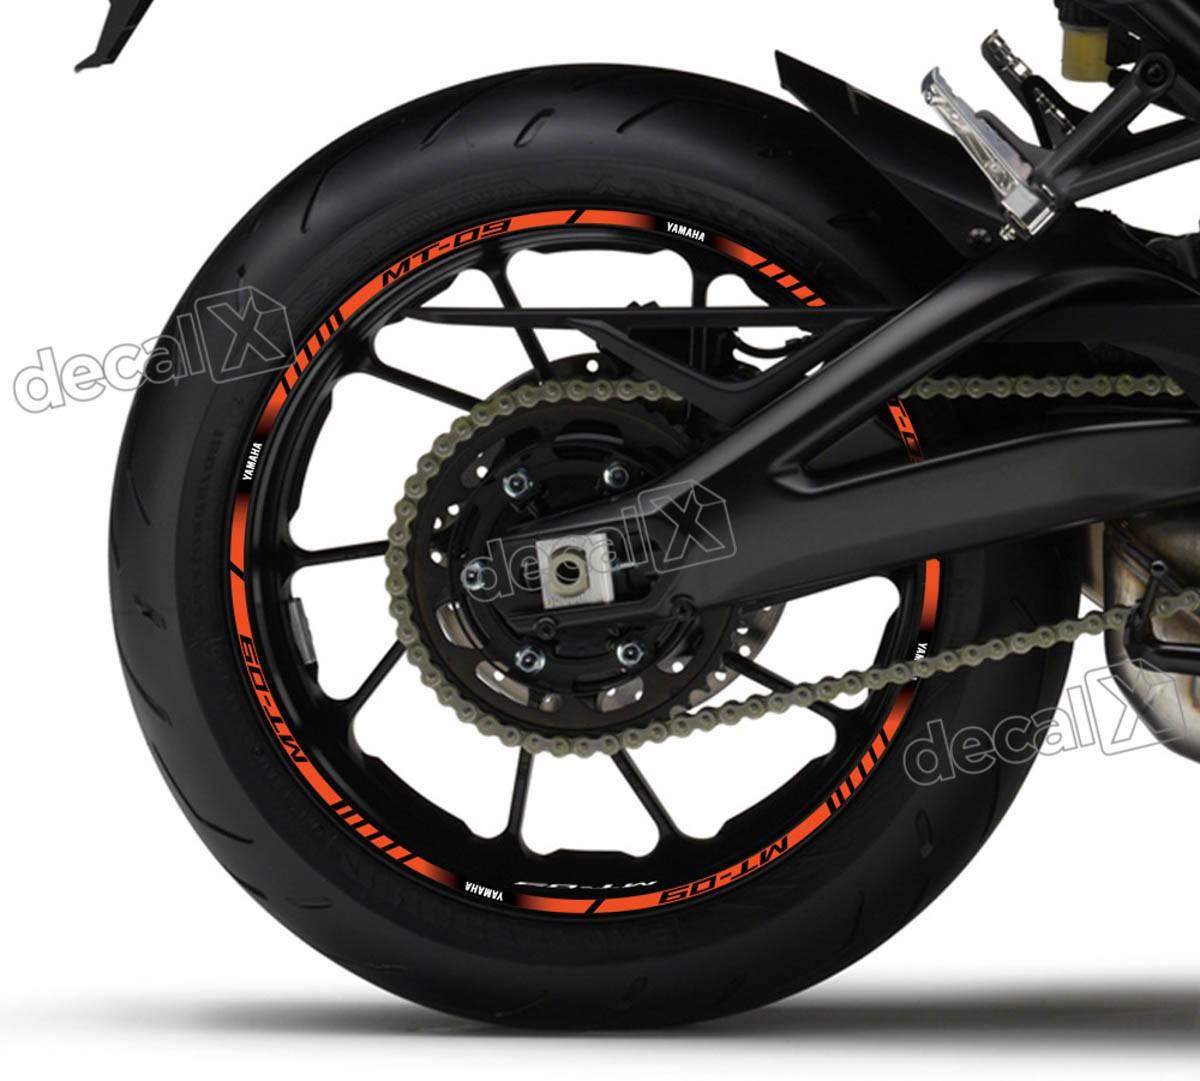 Armario De Parede Pequeno ~ Kit Adesivo Friso Refletivo Roda Moto Yamaha Mt 09 Fri53 Adesivos para motos& Adesivos